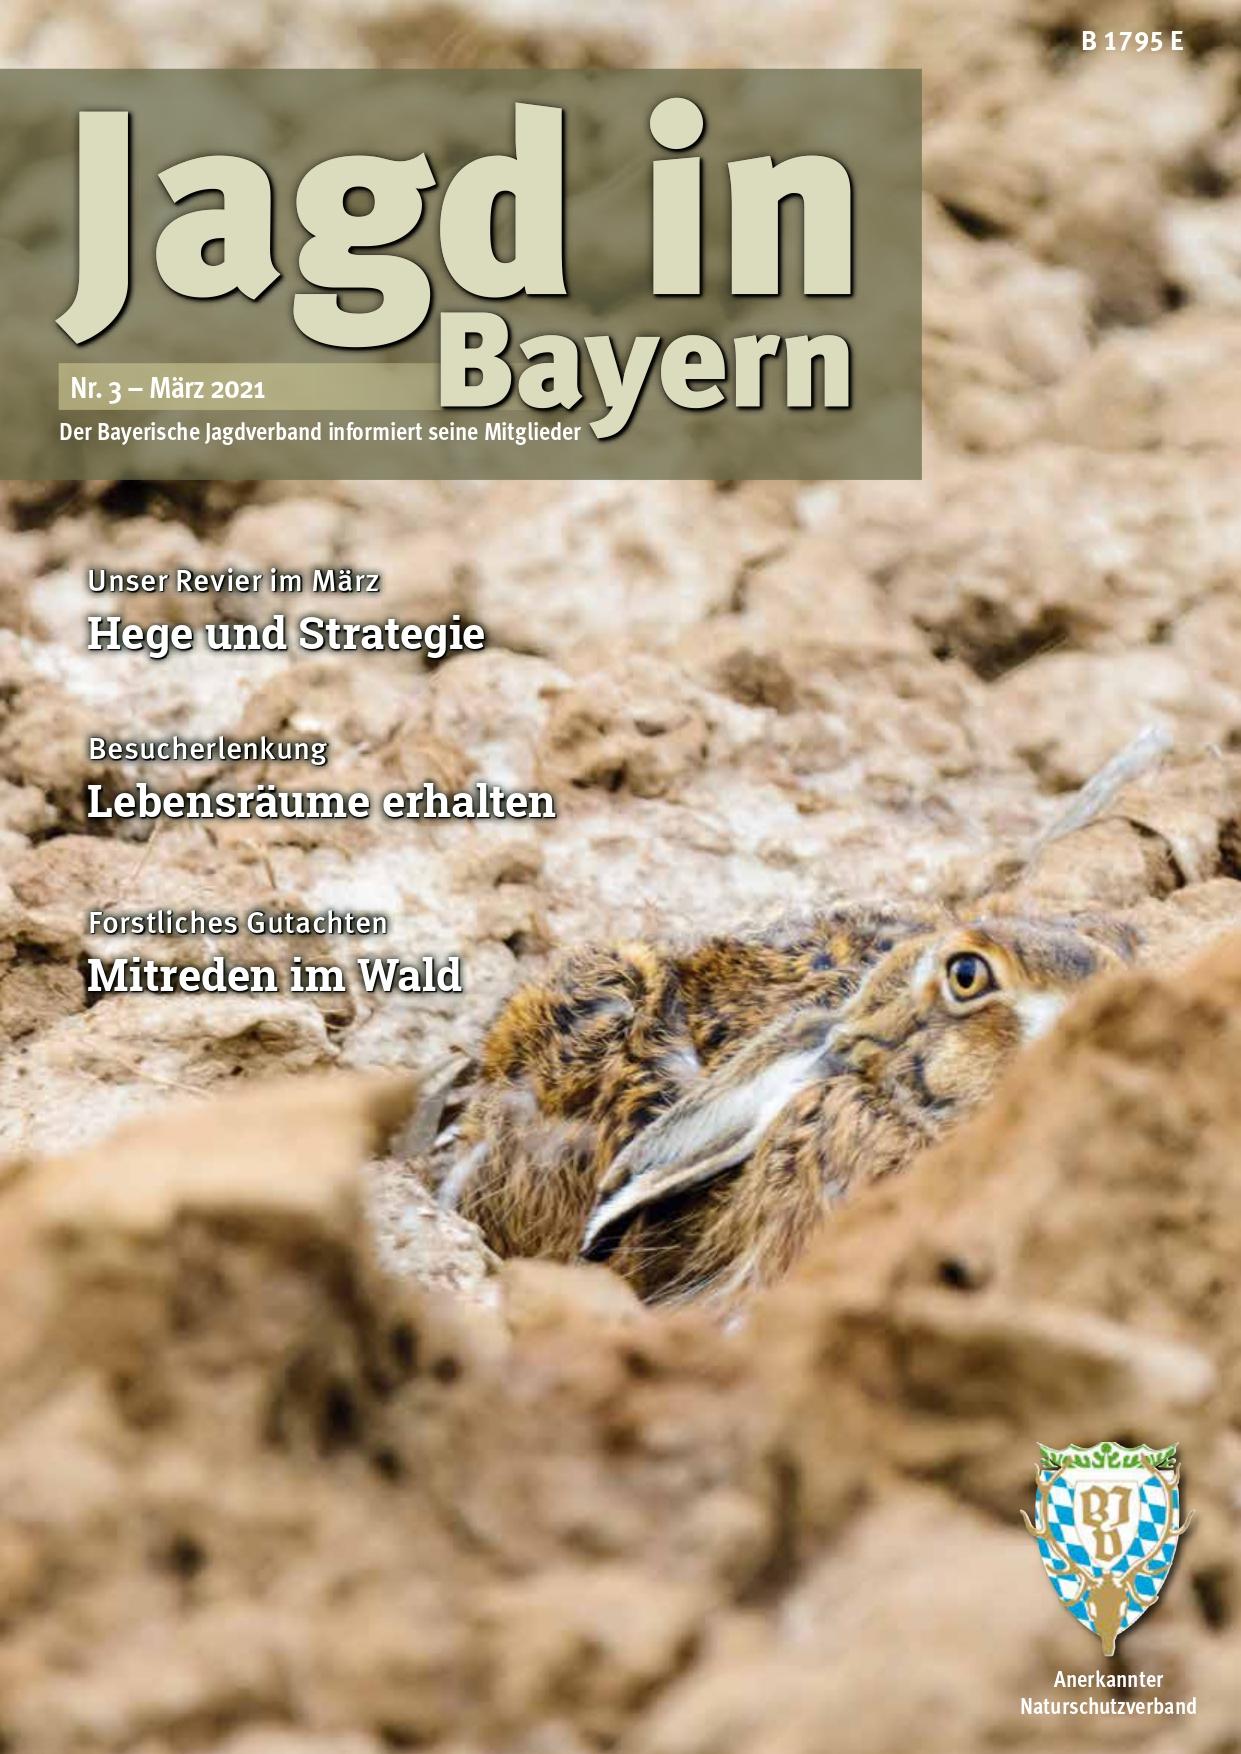 Titelseite der Jagd in Bayern Nr. 3 - März 2021